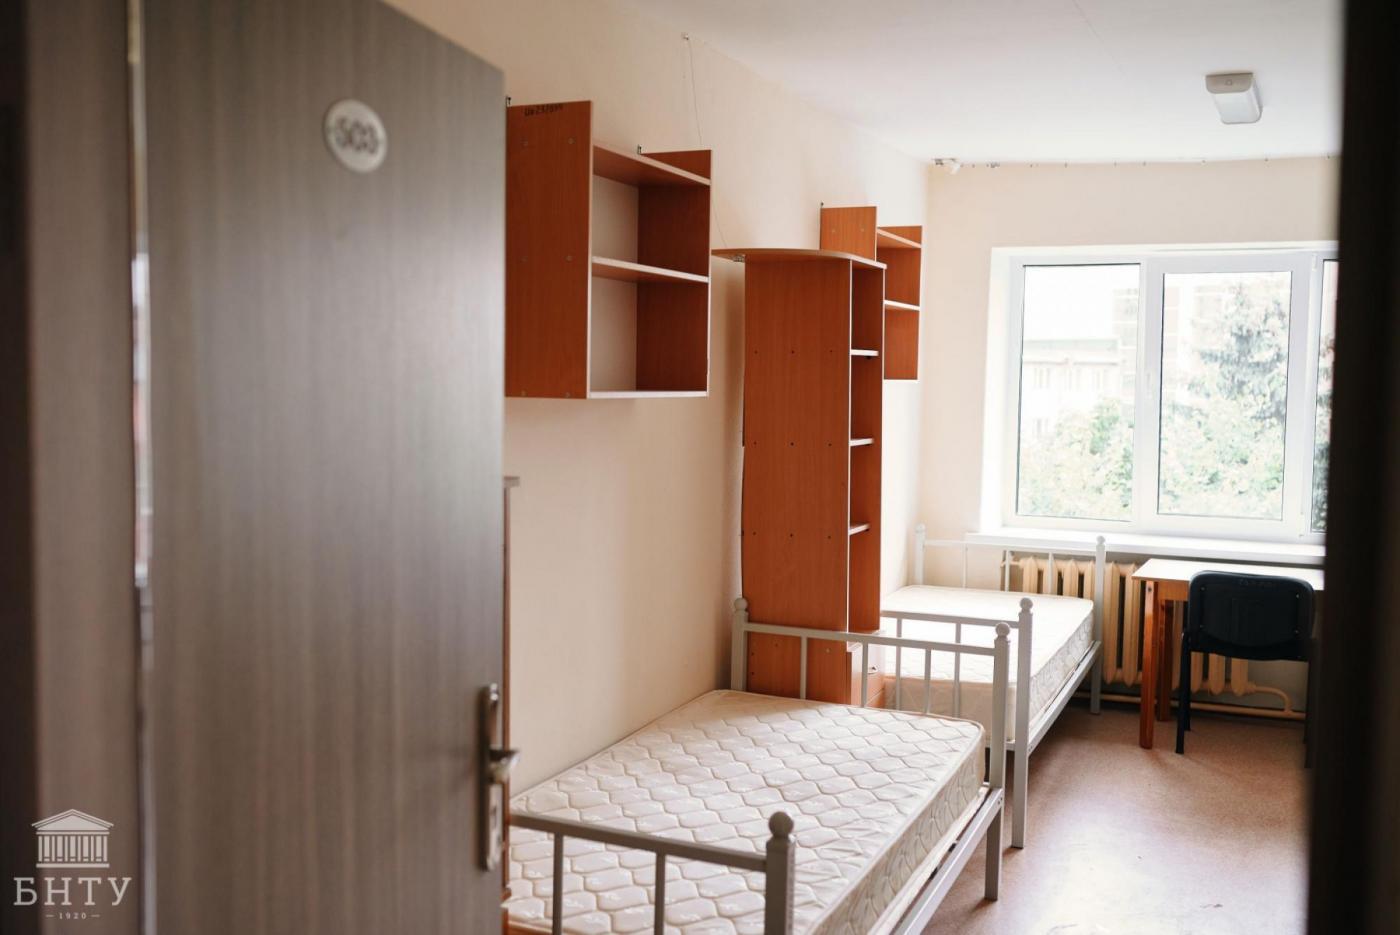 Как найти жилье? Рассказываем о процессе съема и условиях проживания